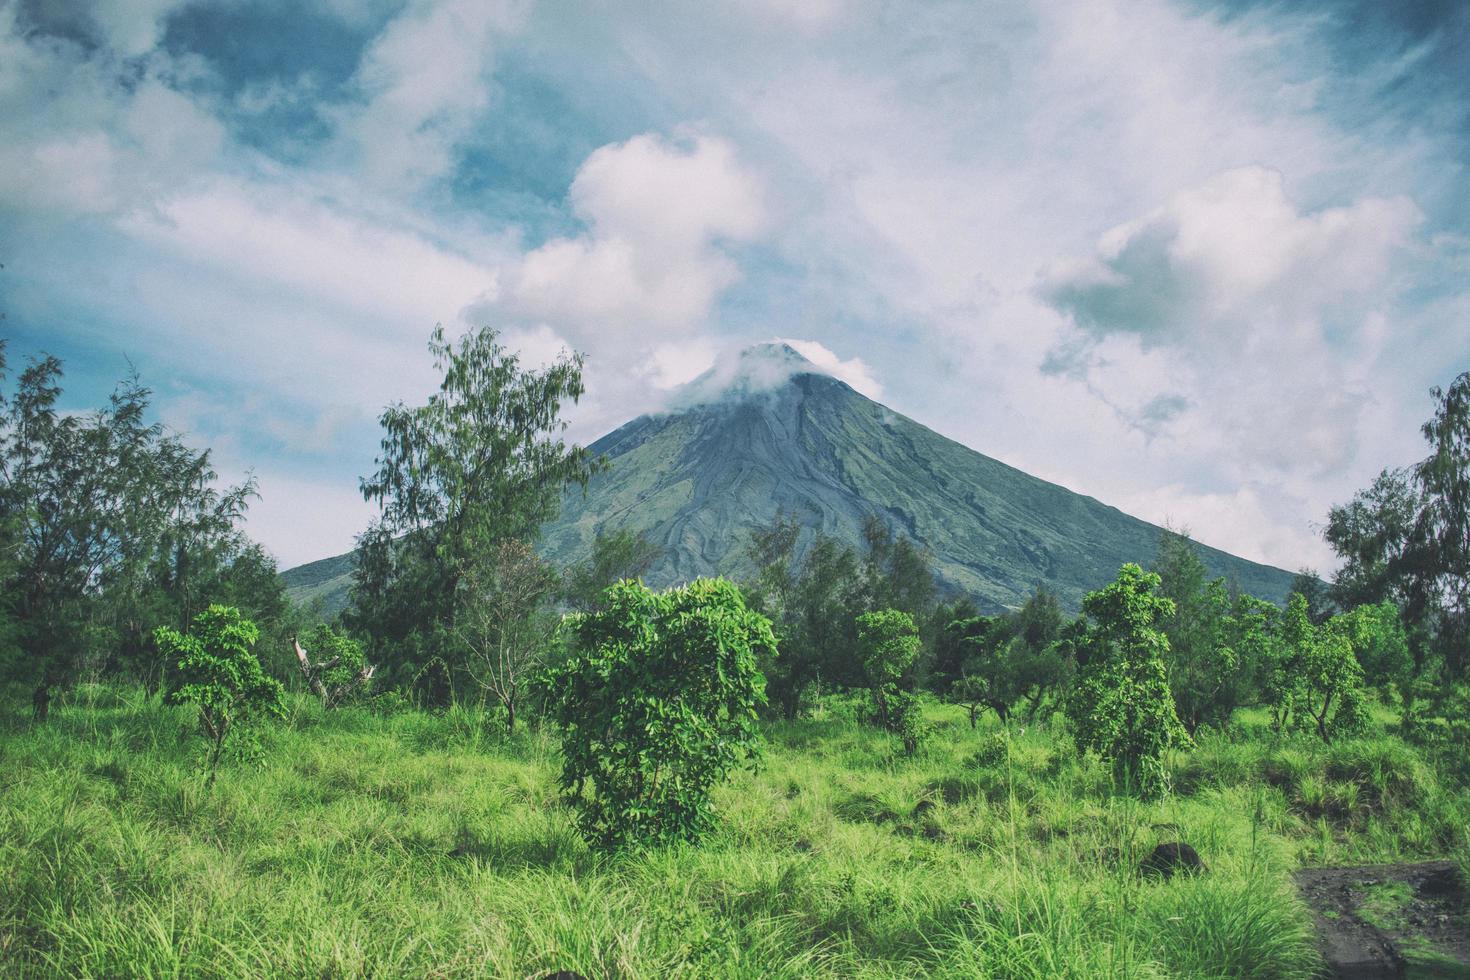 montagna sotto il cielo nuvoloso foto